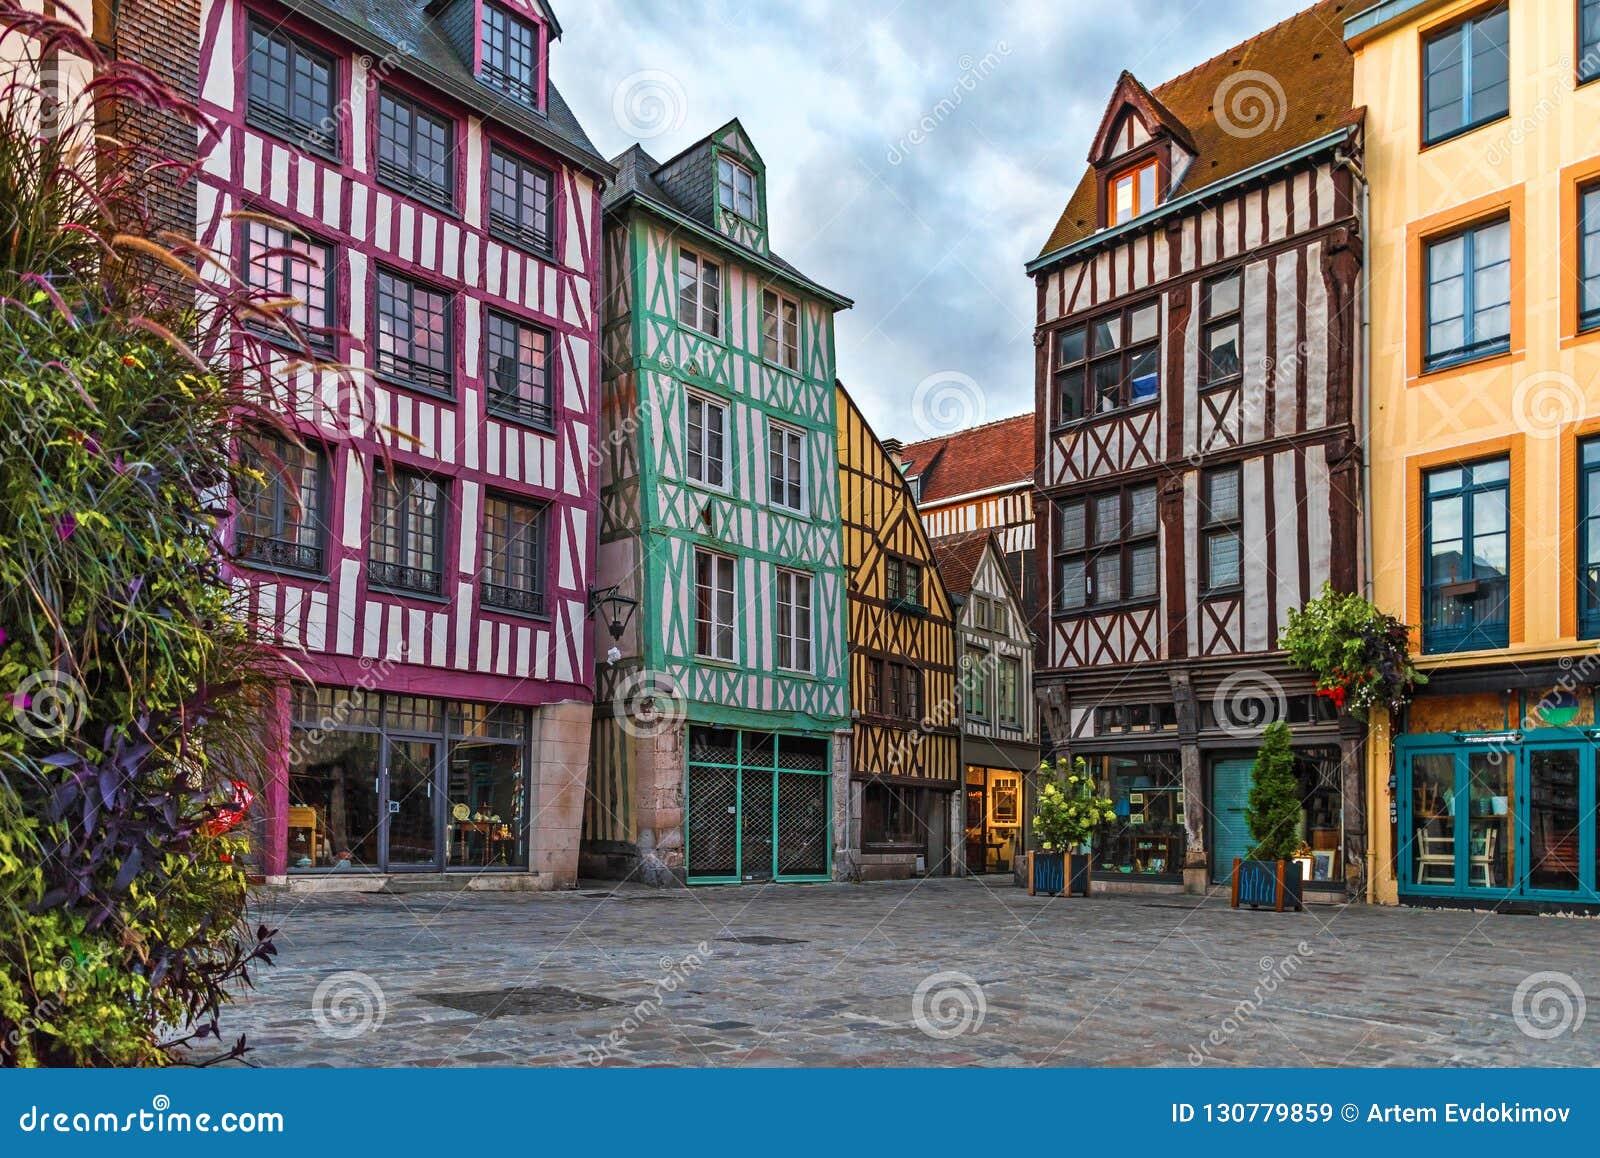 Middeleeuws vierkant met typische huizen in oude stad van Rouen, Normandië, Frankrijk